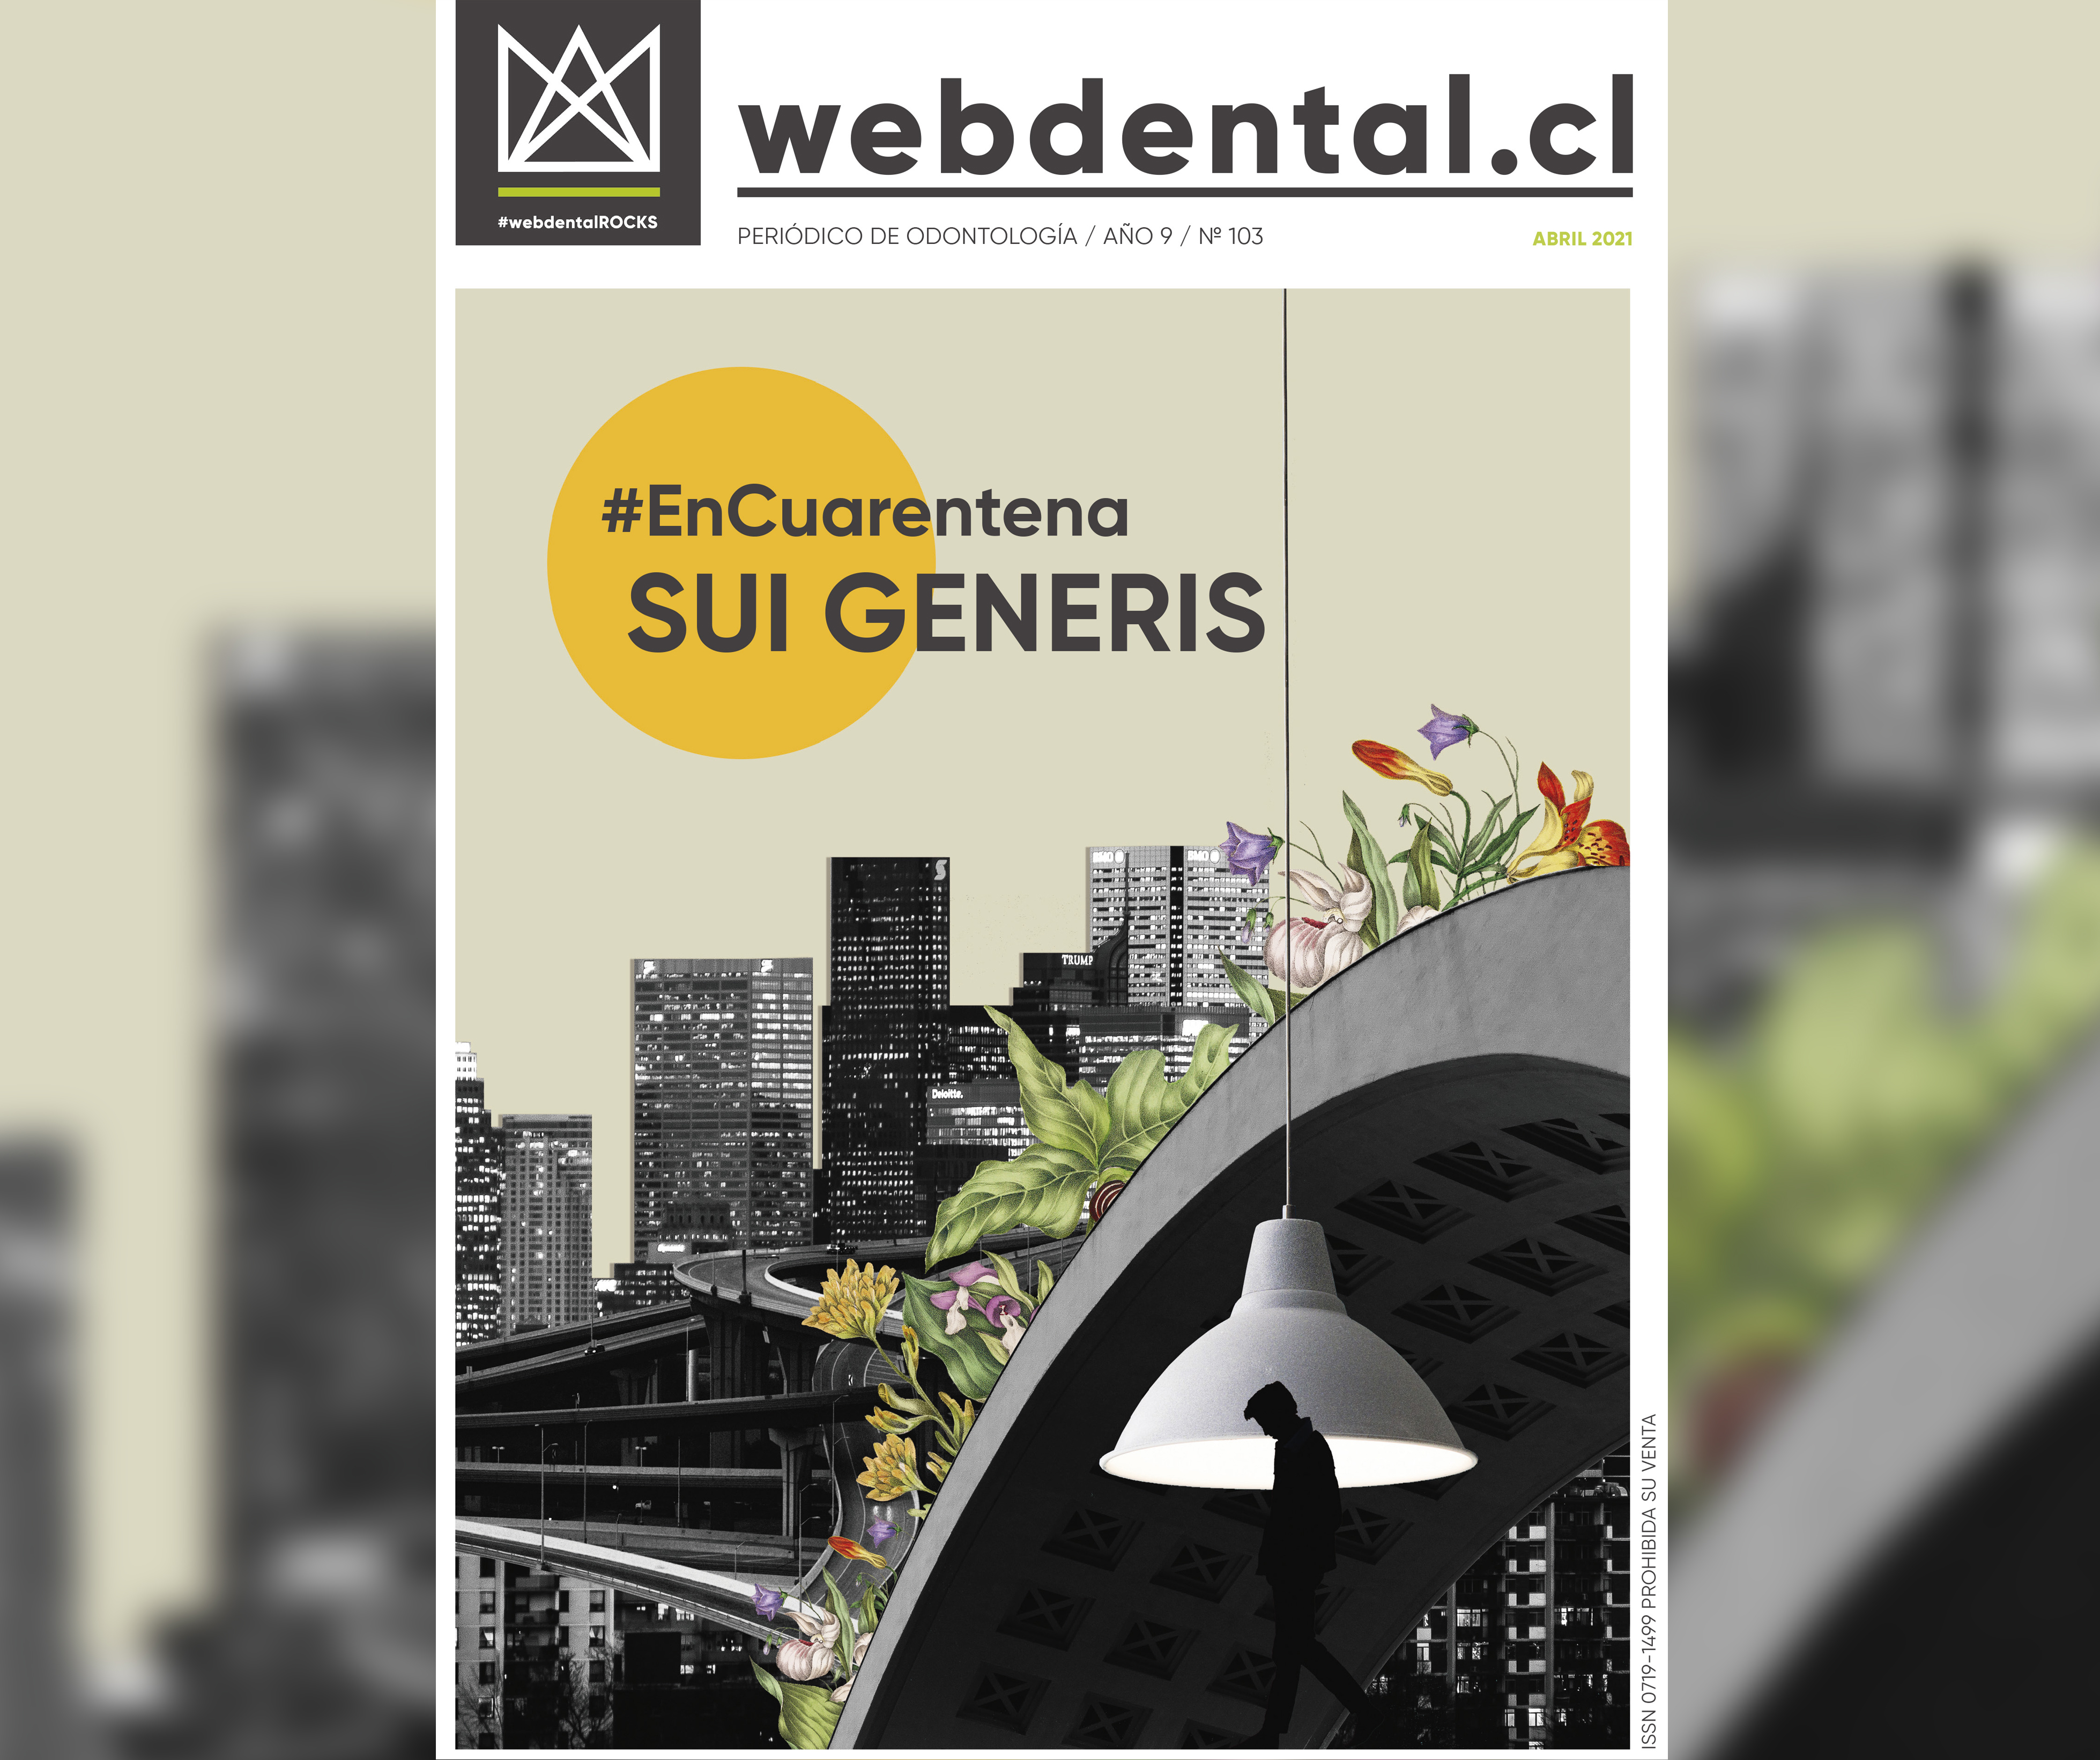 Periodico-de-Odontologia-103-ig